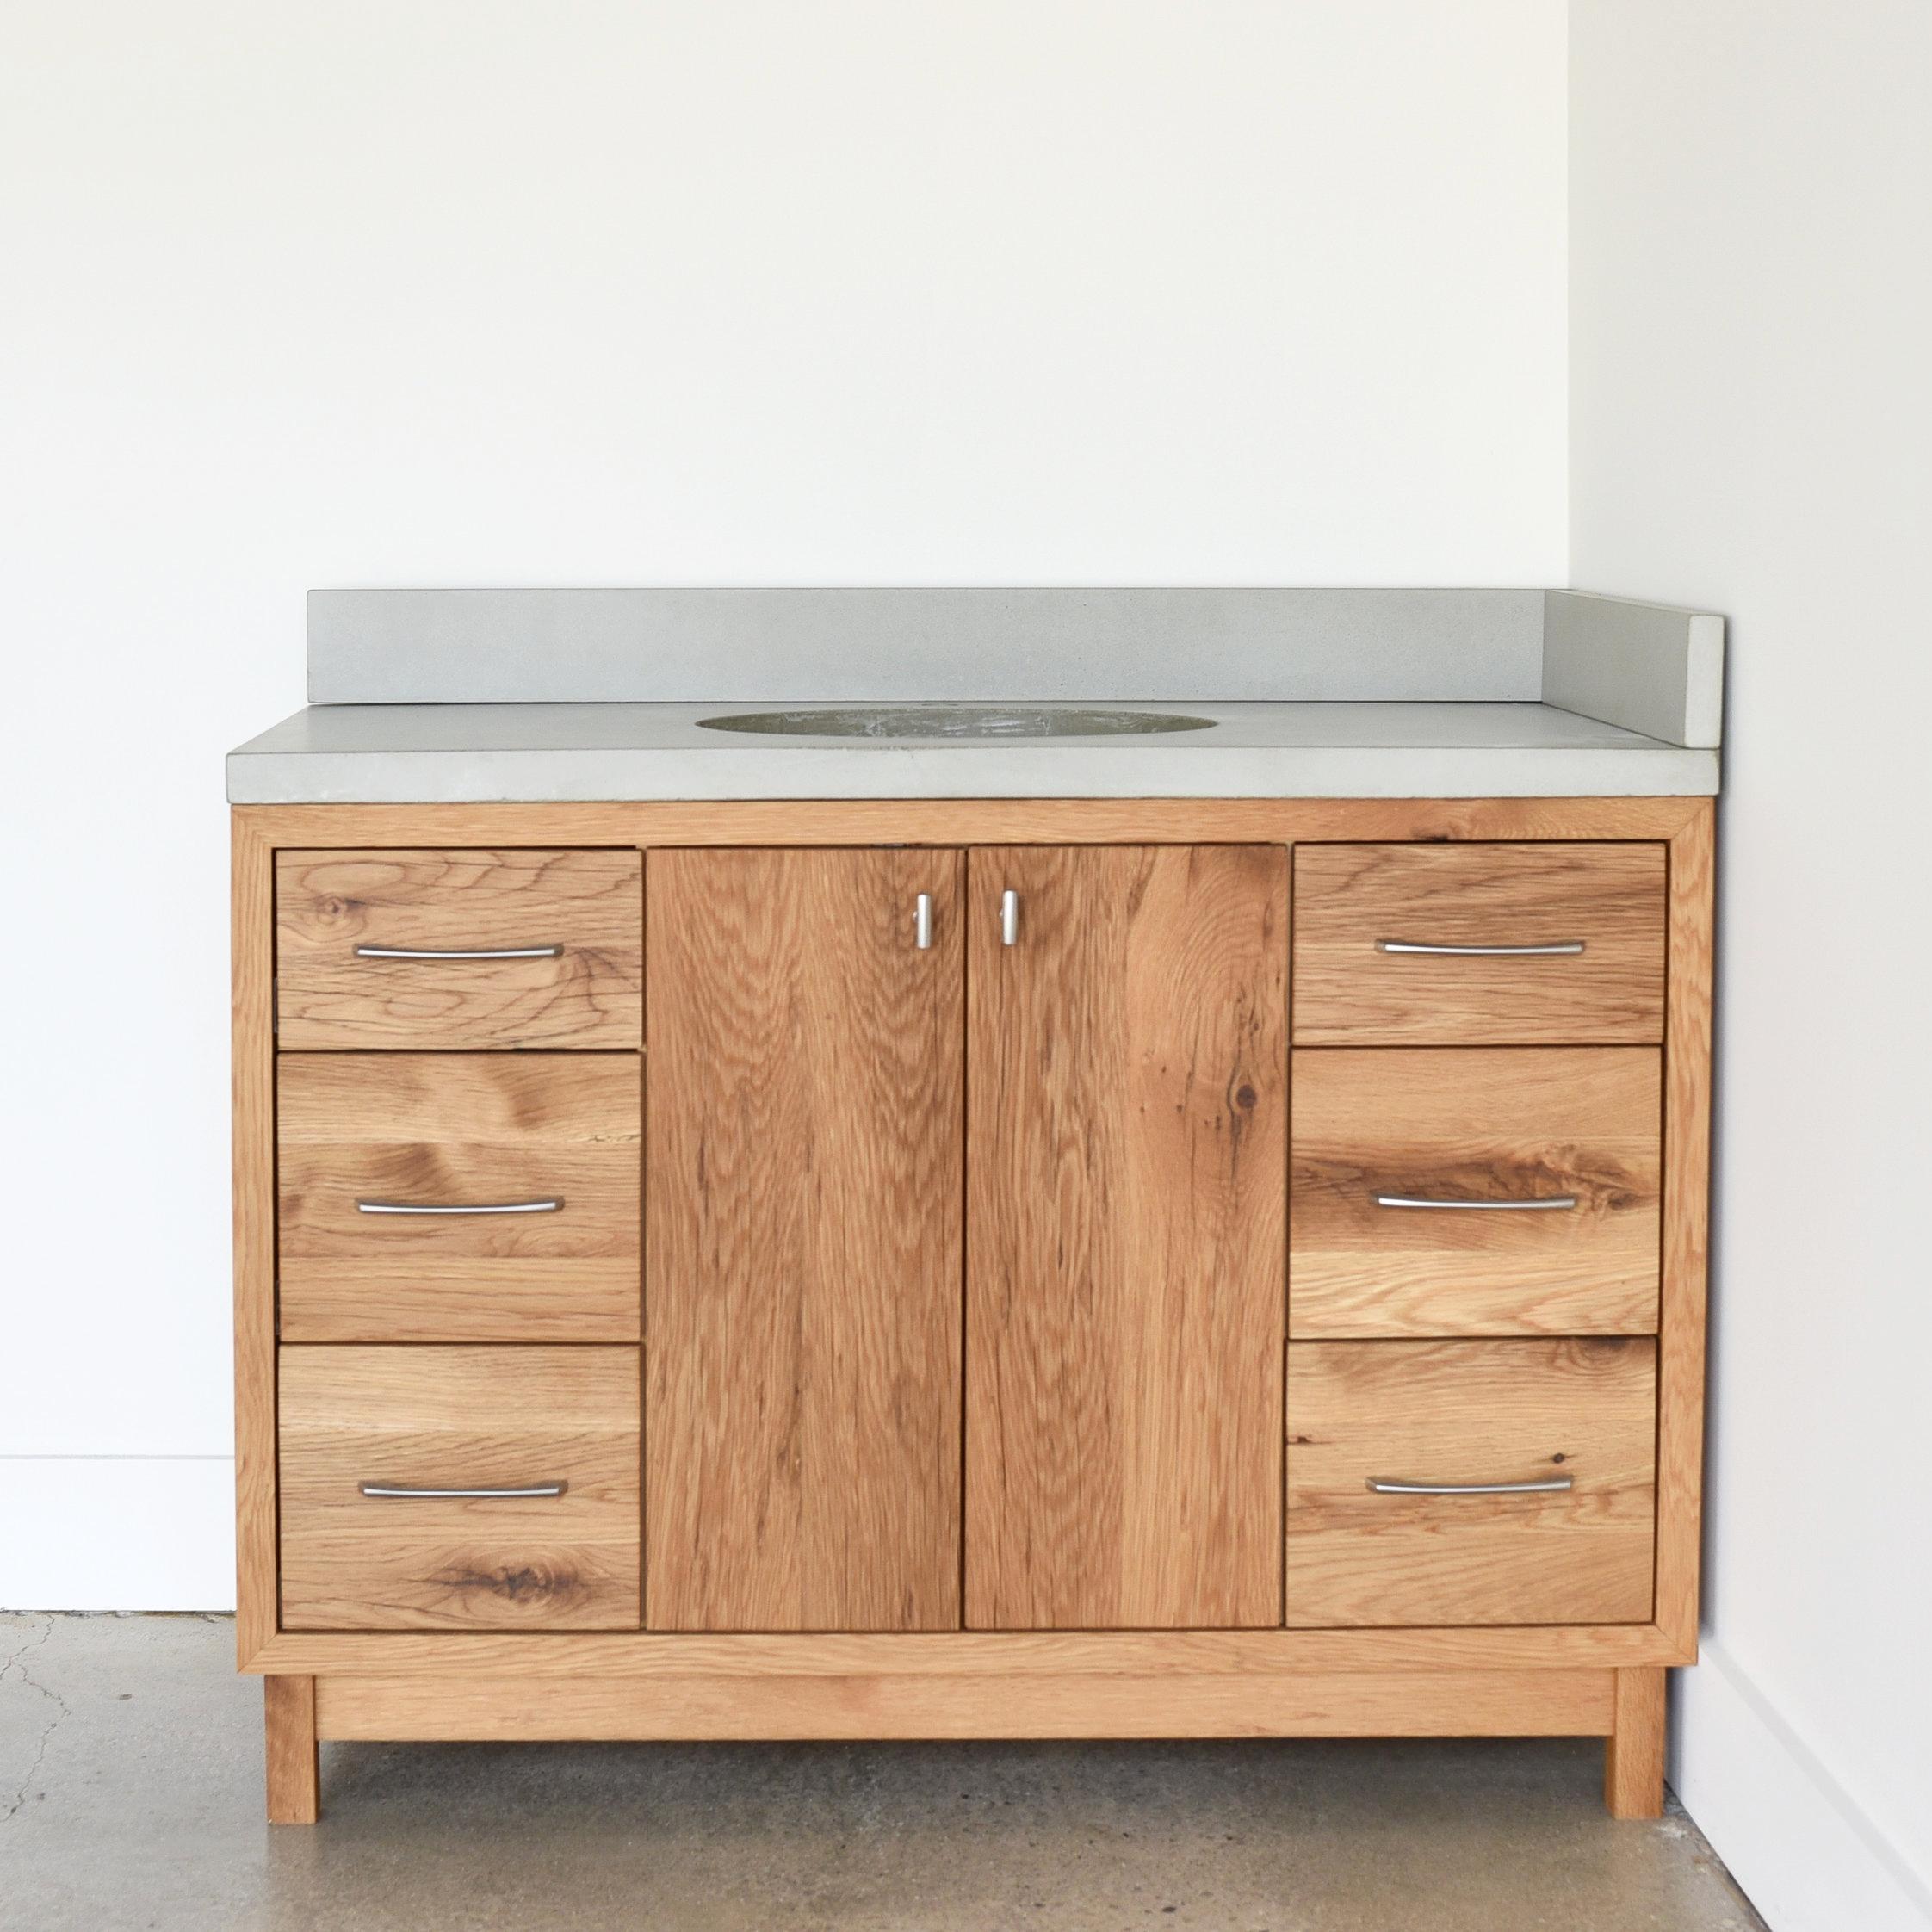 48 Modern Reclaimed Wood Vanity Single Sink What We Make